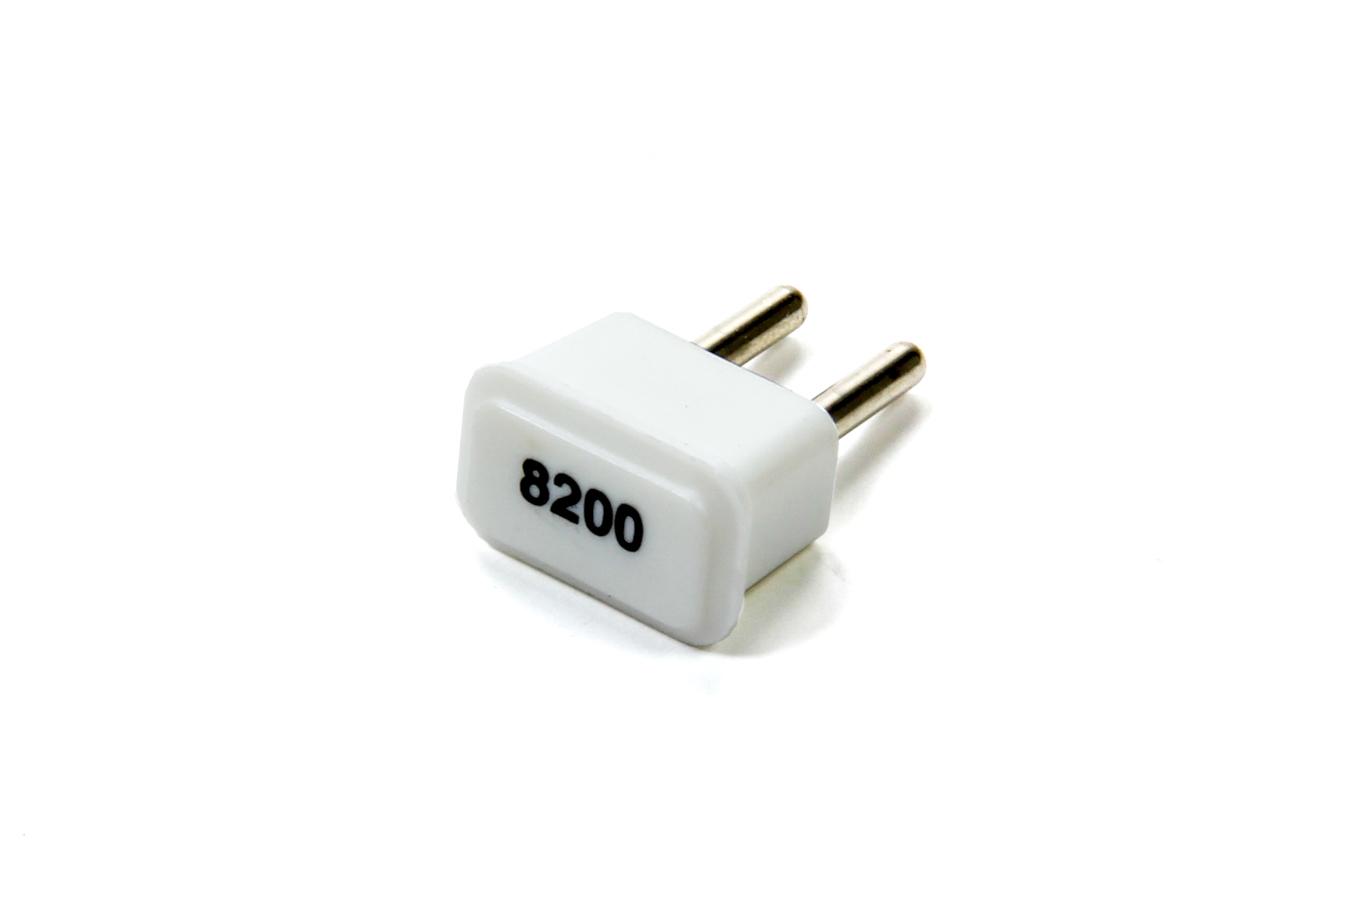 8200 RPM Module